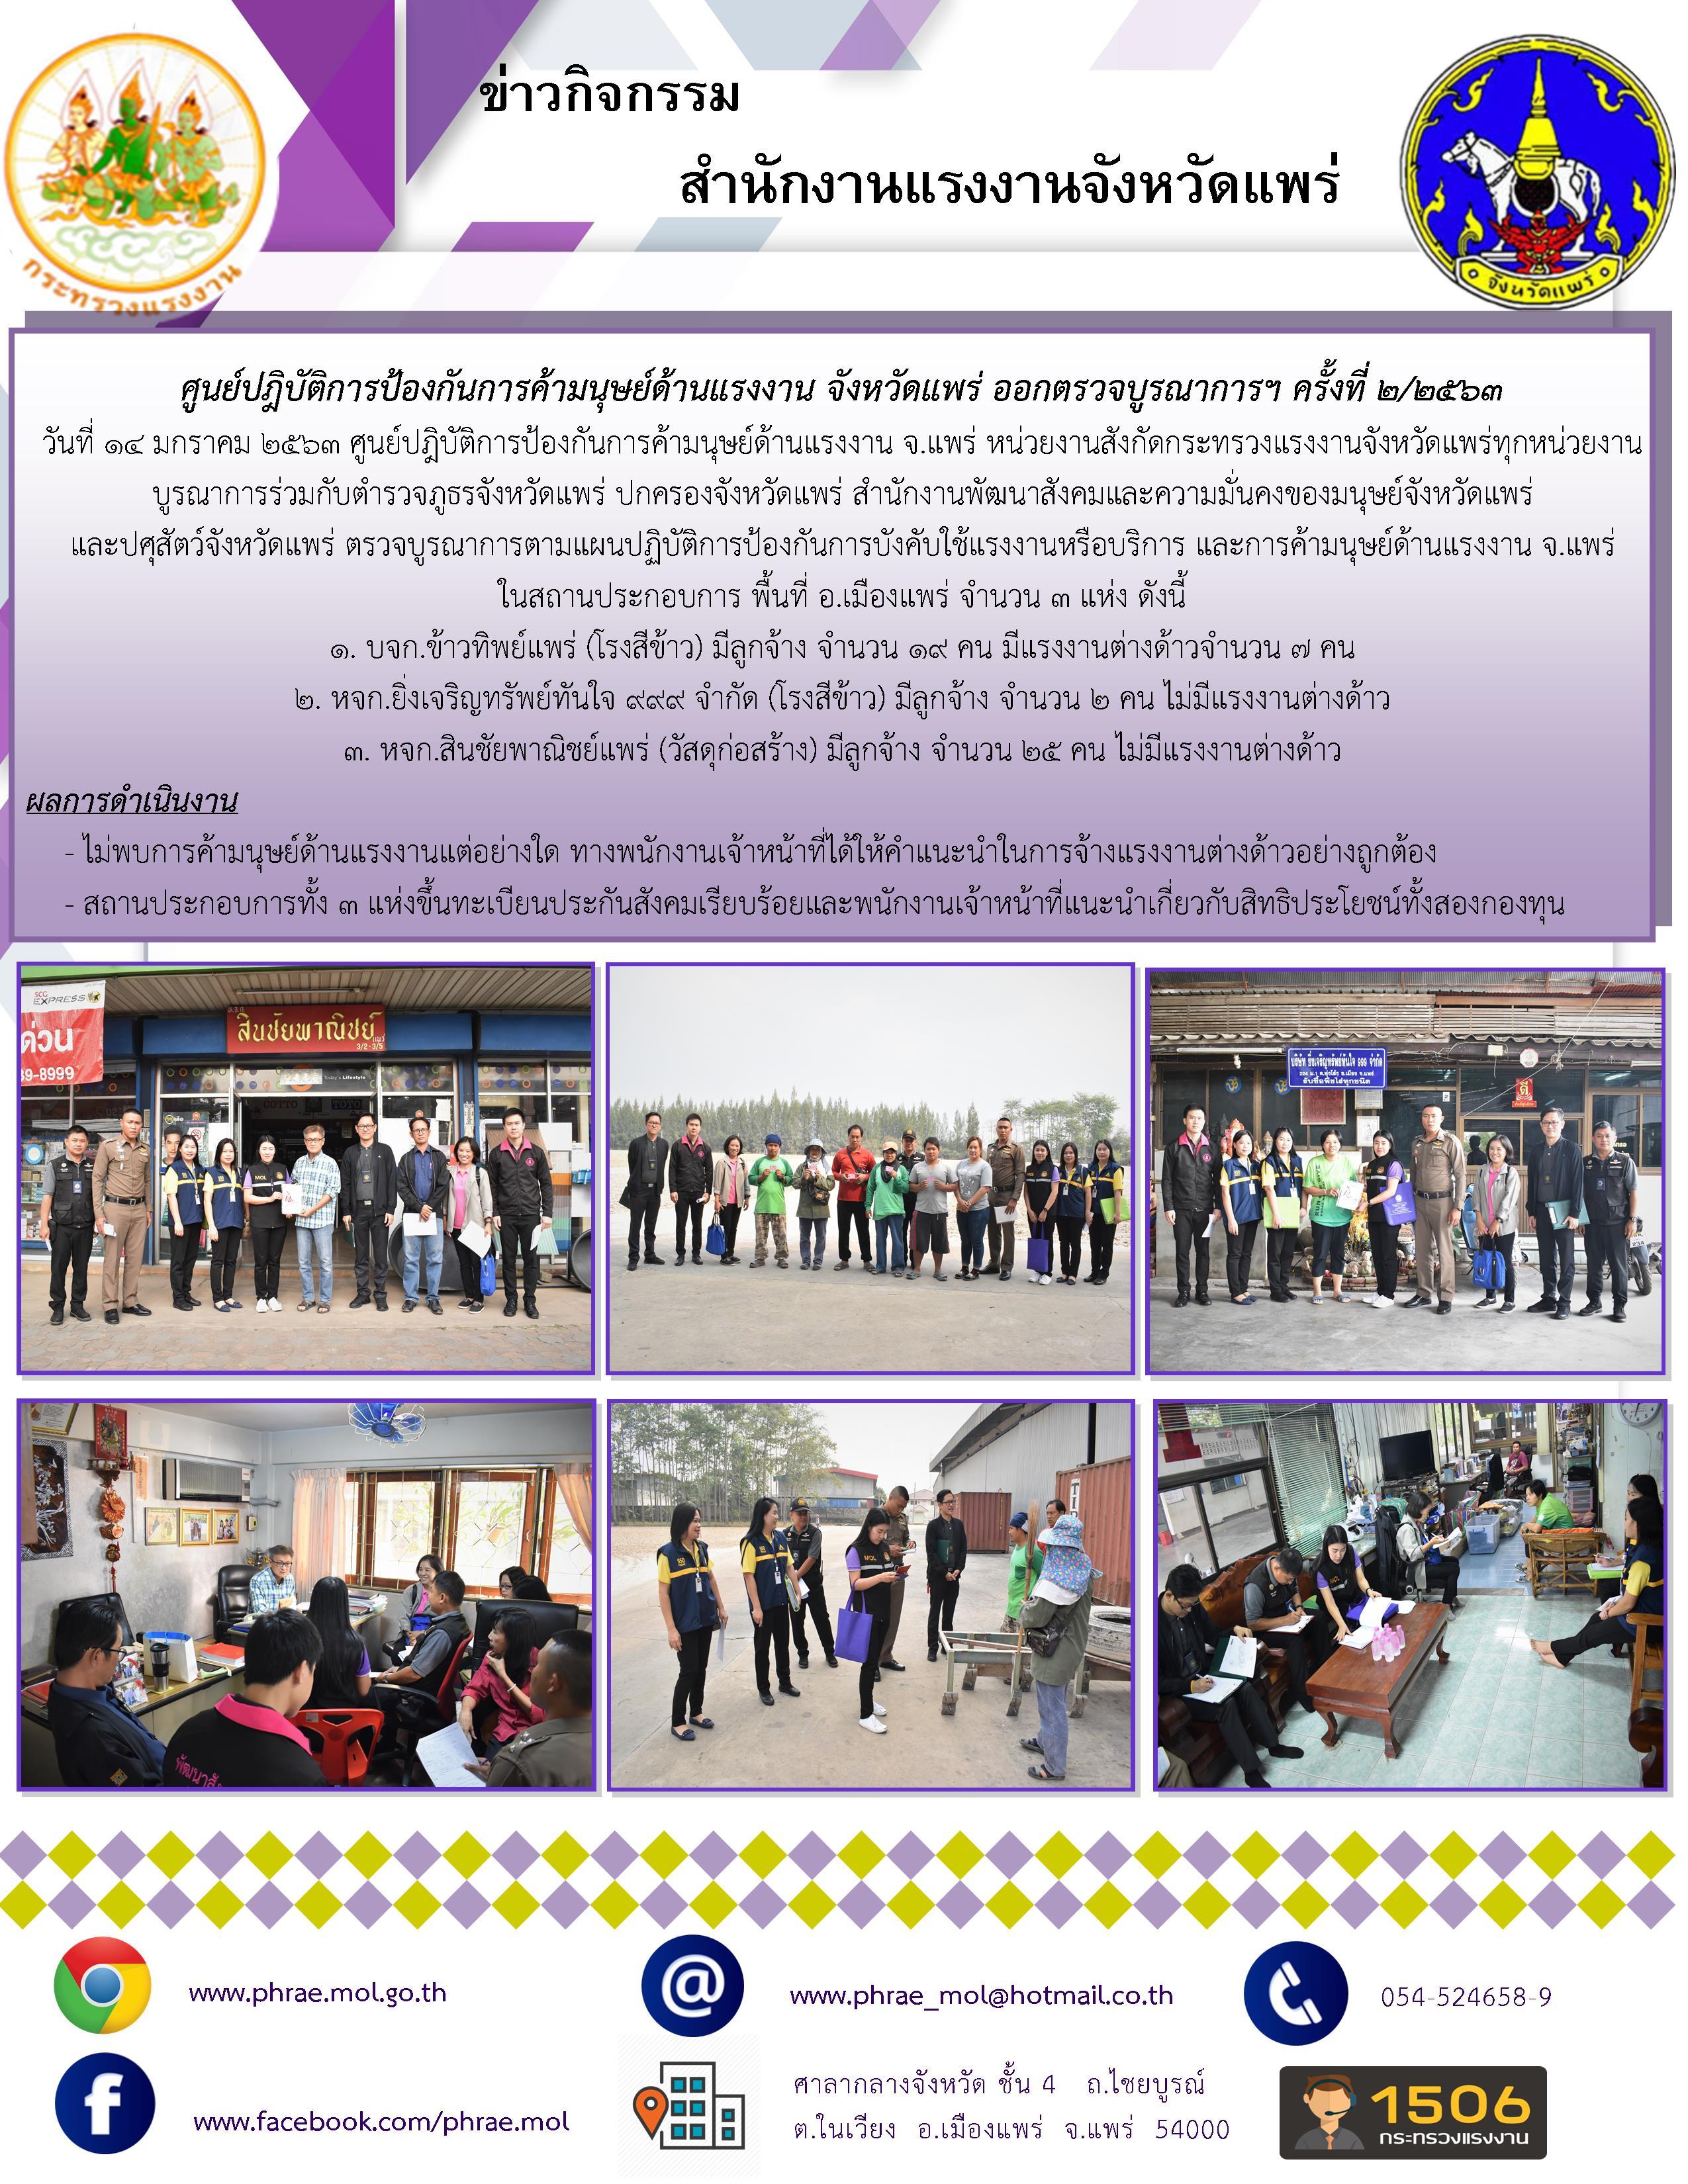 ศูนย์ปฎิบัติการป้องกันการค้ามนุษย์ด้านแรงงาน จังหวัดแพร่ ออกตรวจบูรณาการฯ ครั้งที่ 2/2563